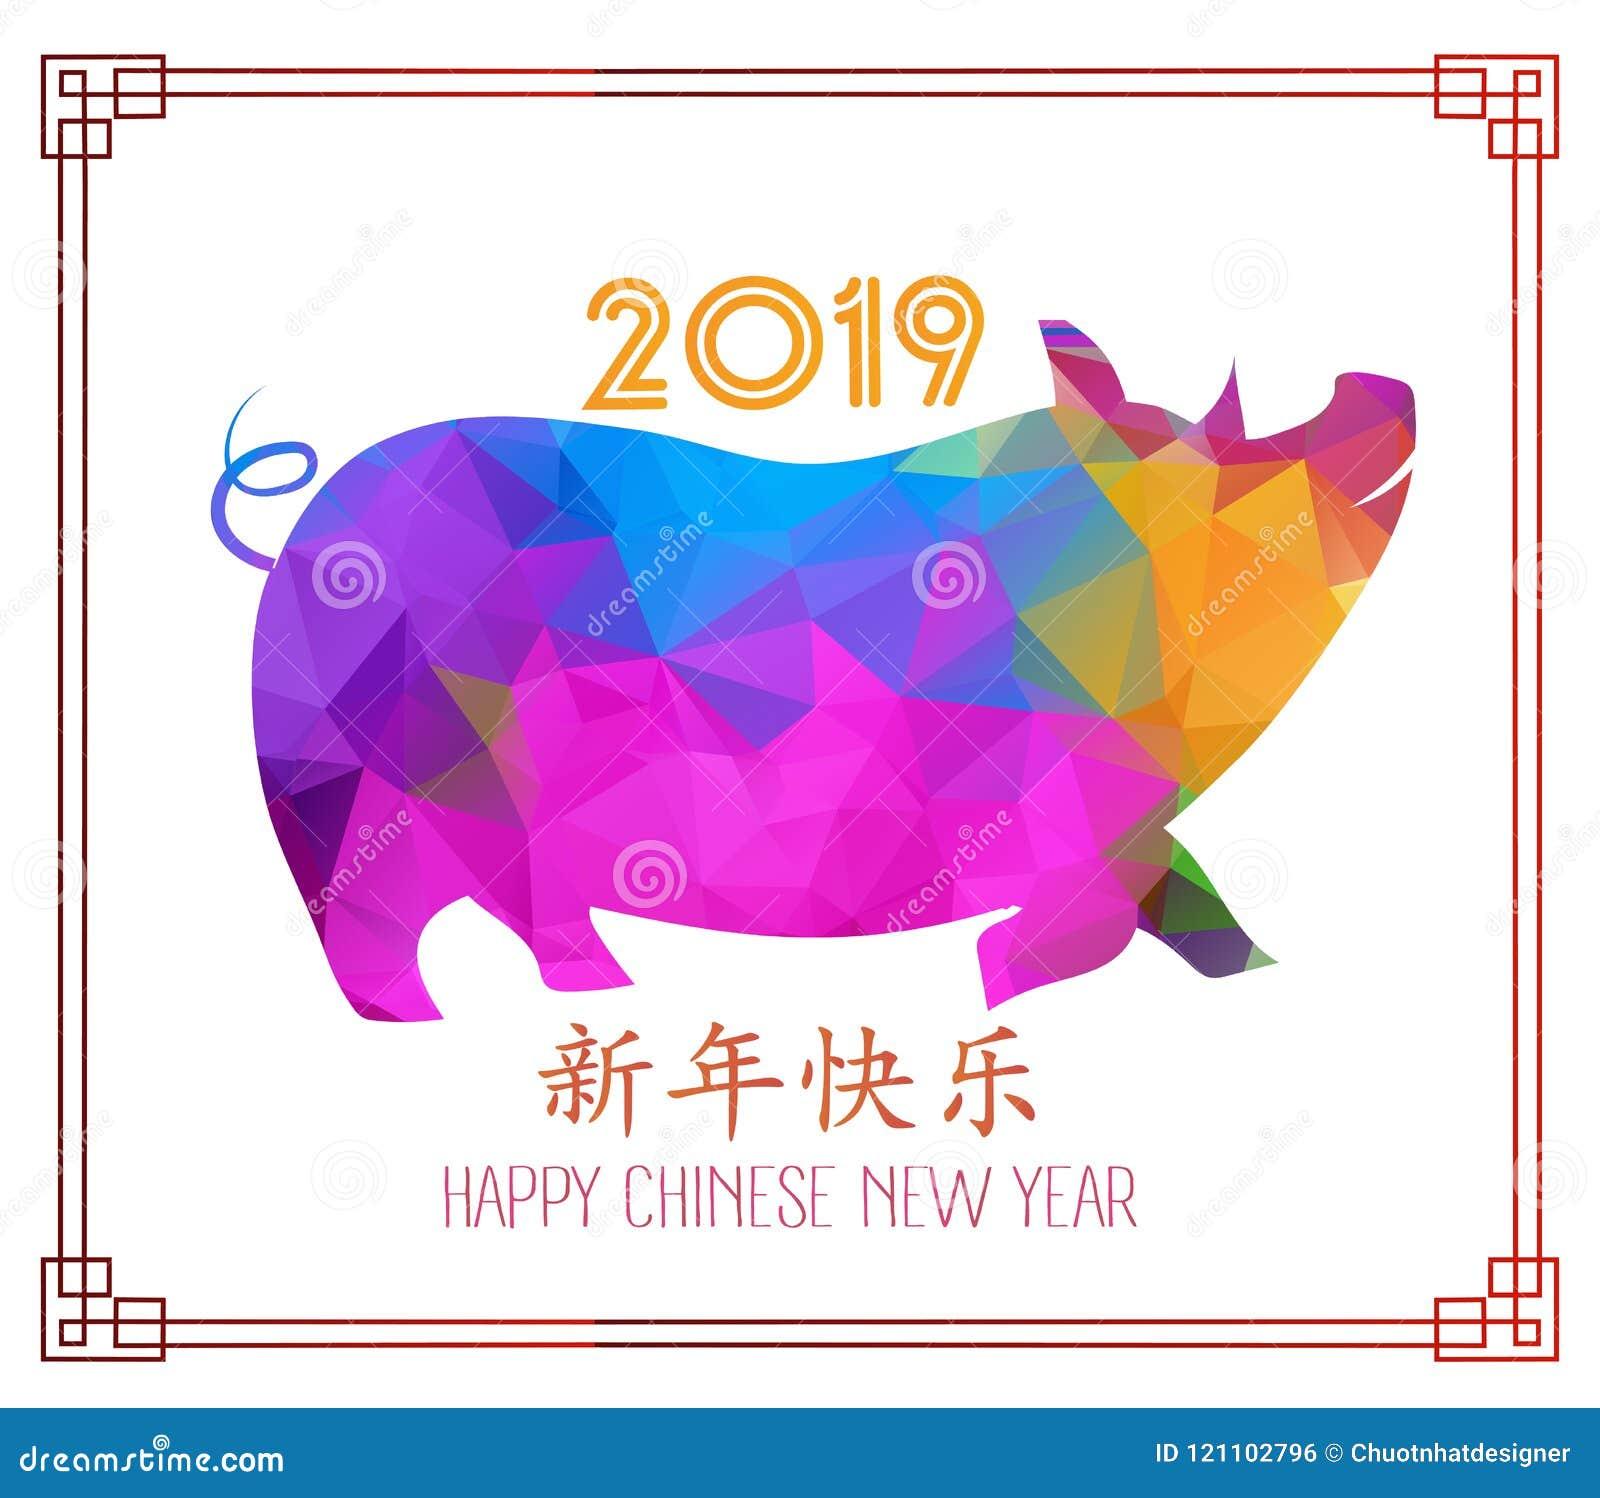 Veelhoekig varkensontwerp voor Chinese Nieuwjaarviering, Gelukkig Chinees Nieuwjaar 2019 jaar van het varken De Chinese karakters